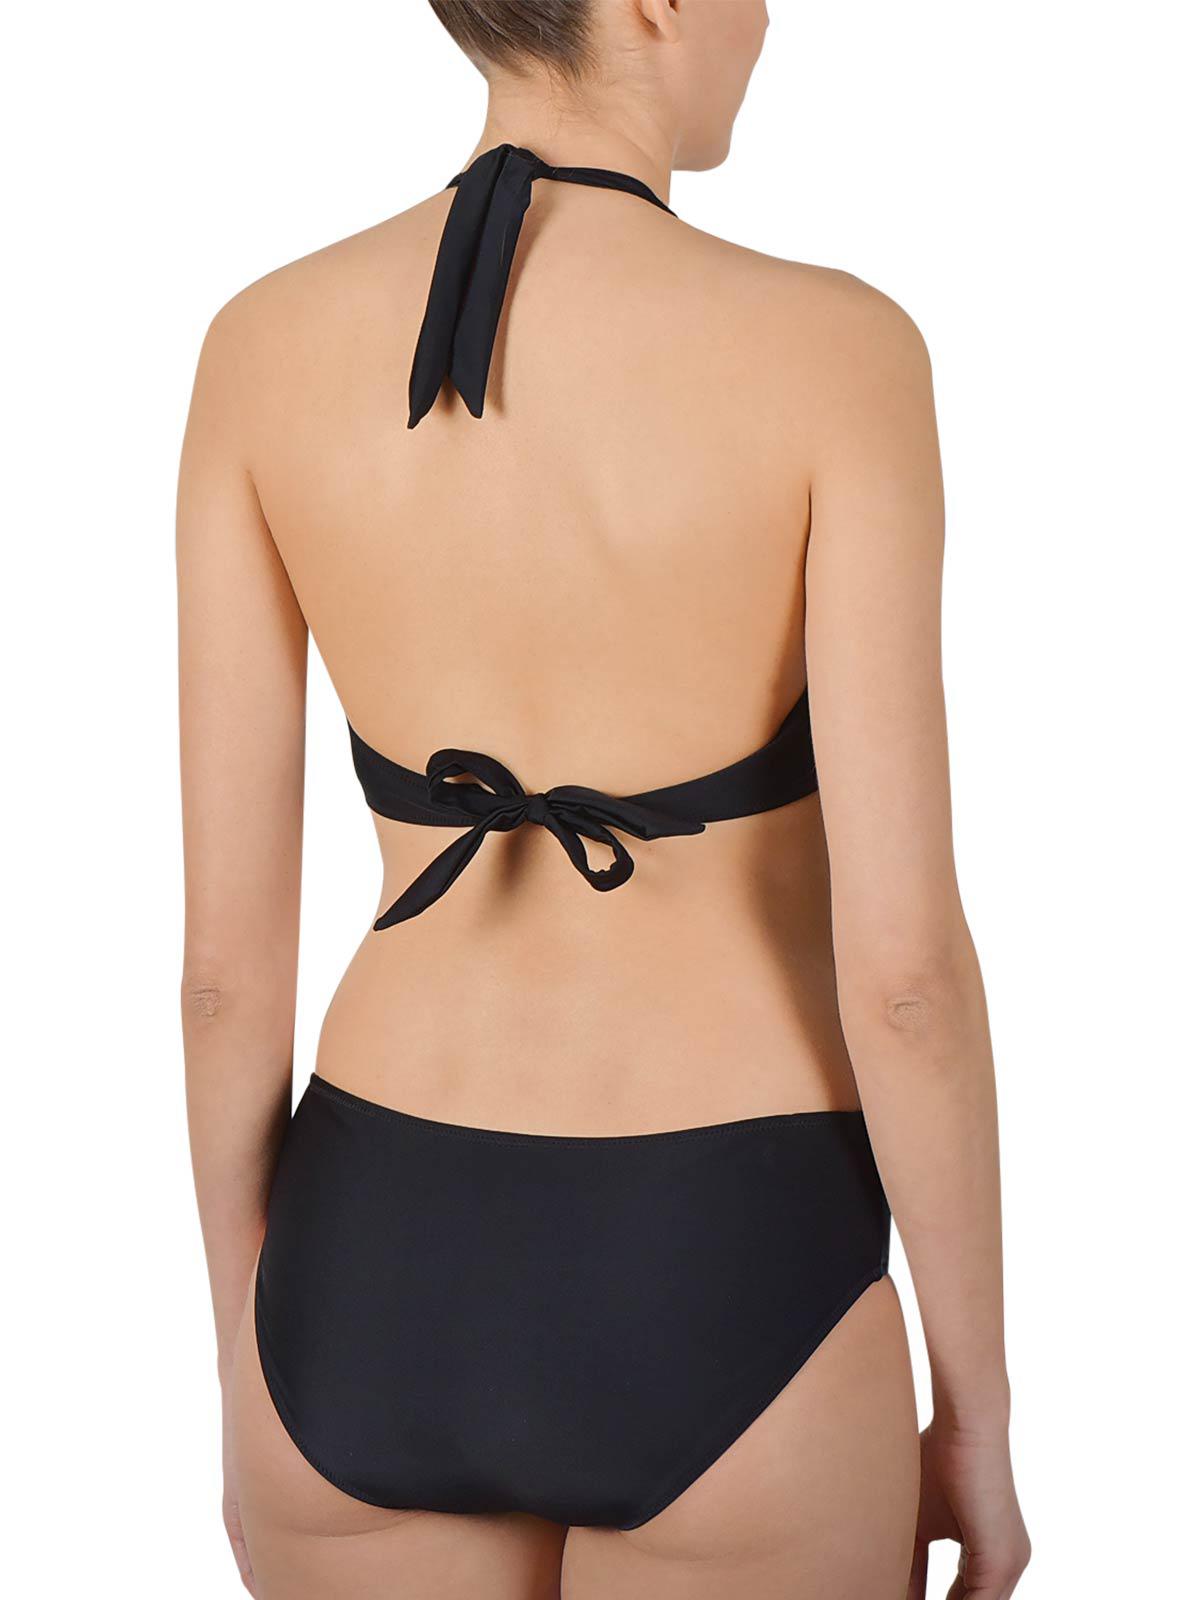 NATURANA Bikini mit Schale 72516 Gr. 36-44 B-D